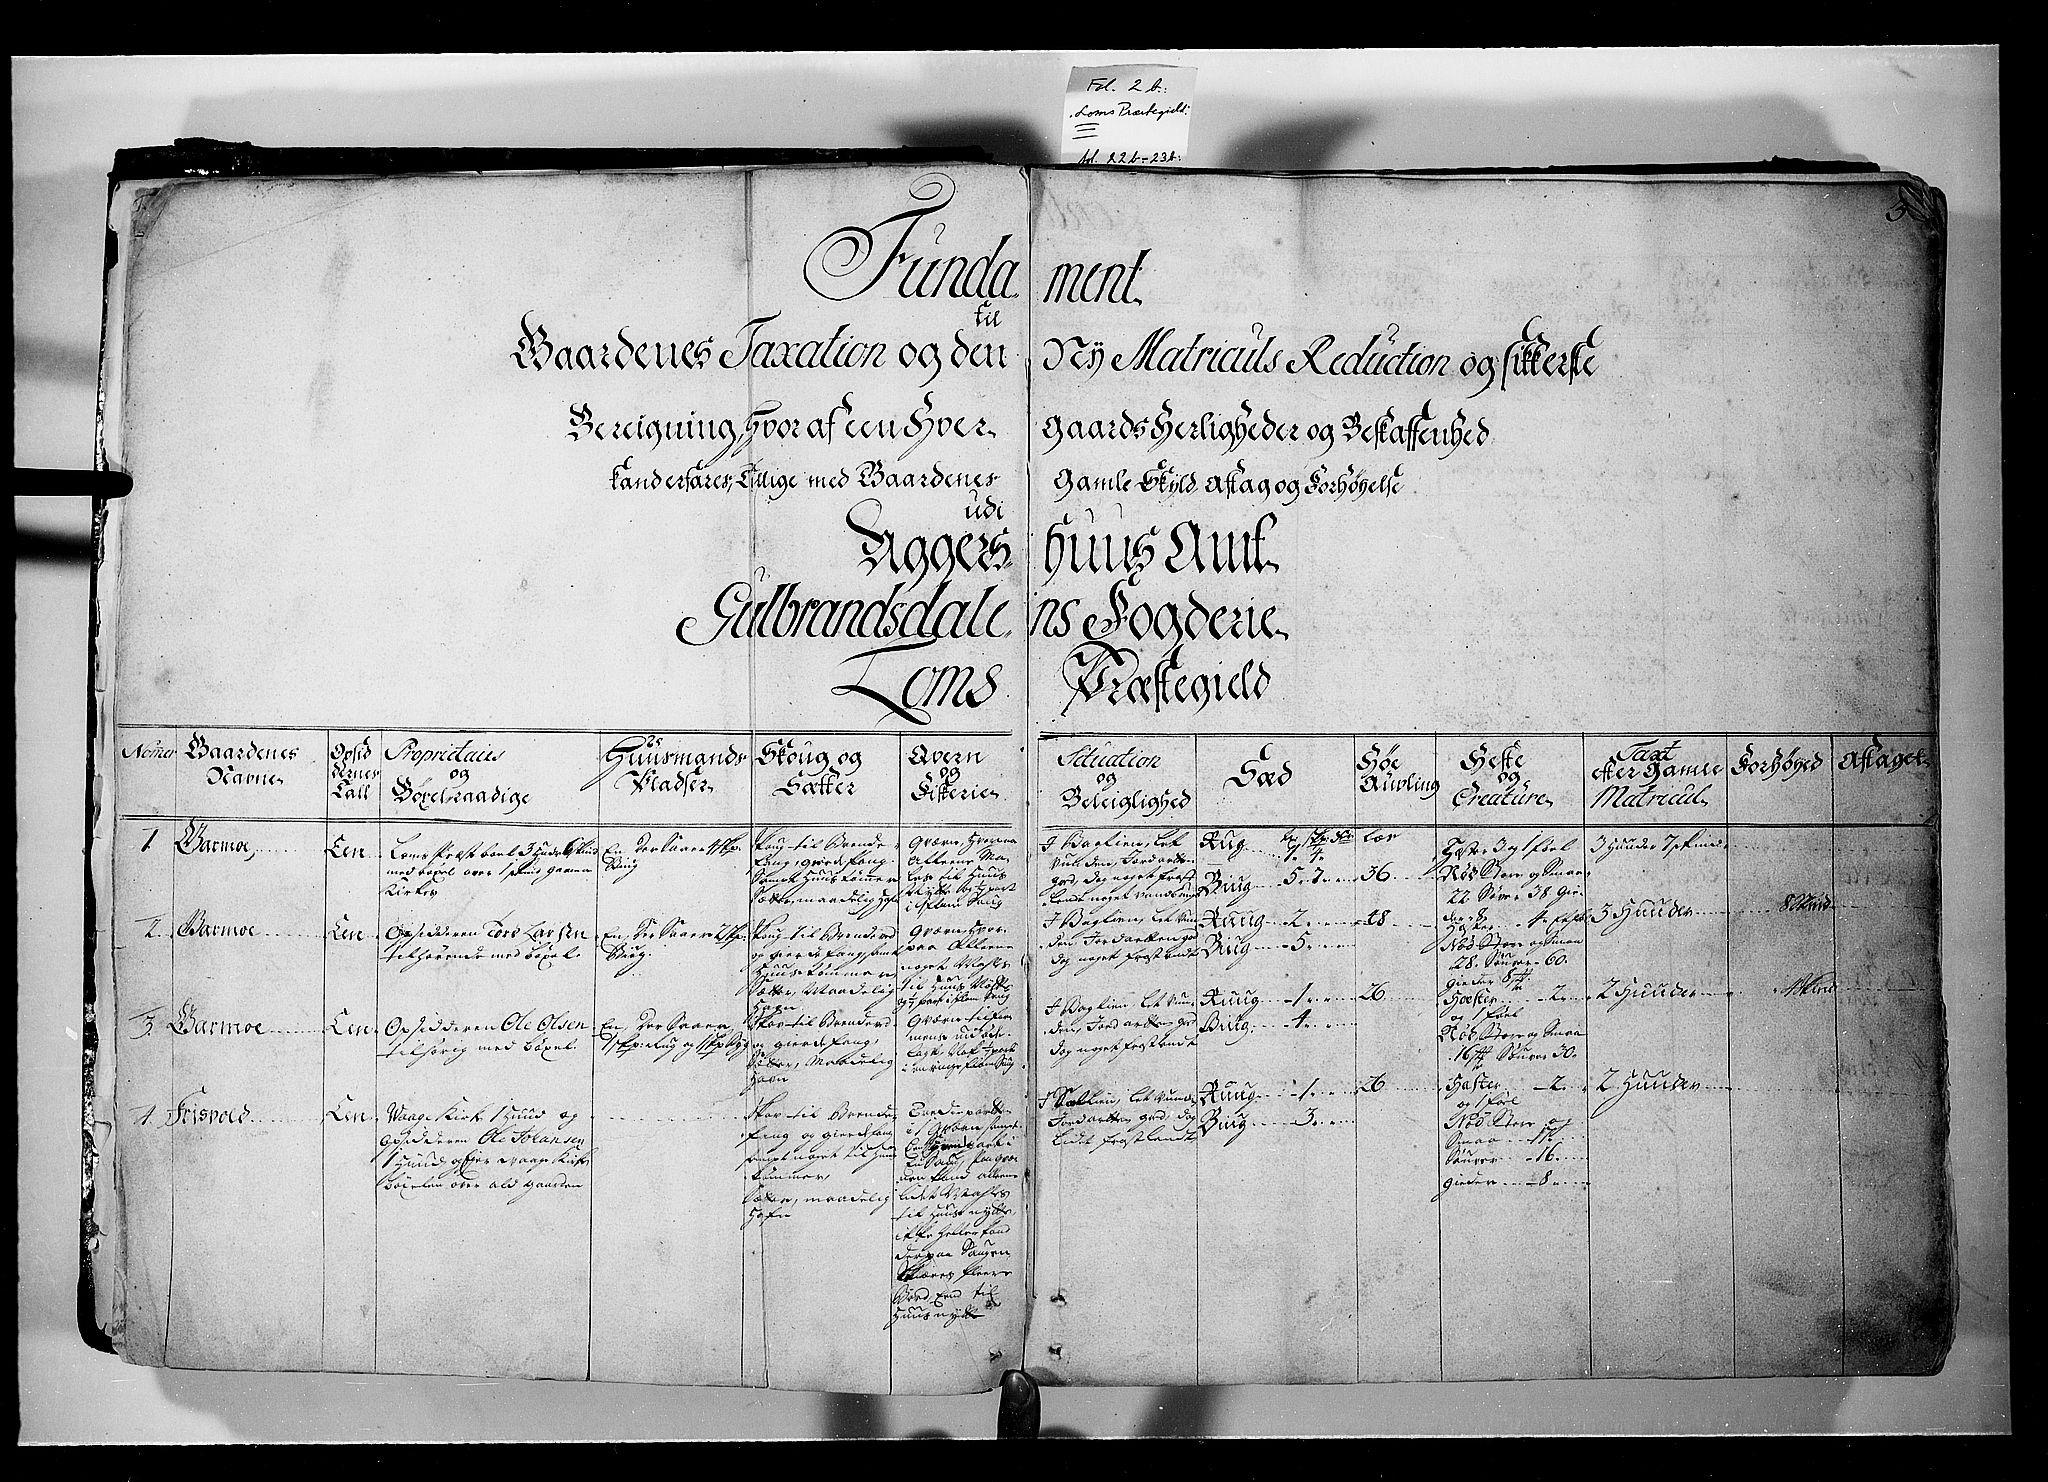 RA, Rentekammeret inntil 1814, Realistisk ordnet avdeling, N/Nb/Nbf/L0107: Gudbrandsdalen eksaminasjonsprotokoll, 1723, s. 2b-3a